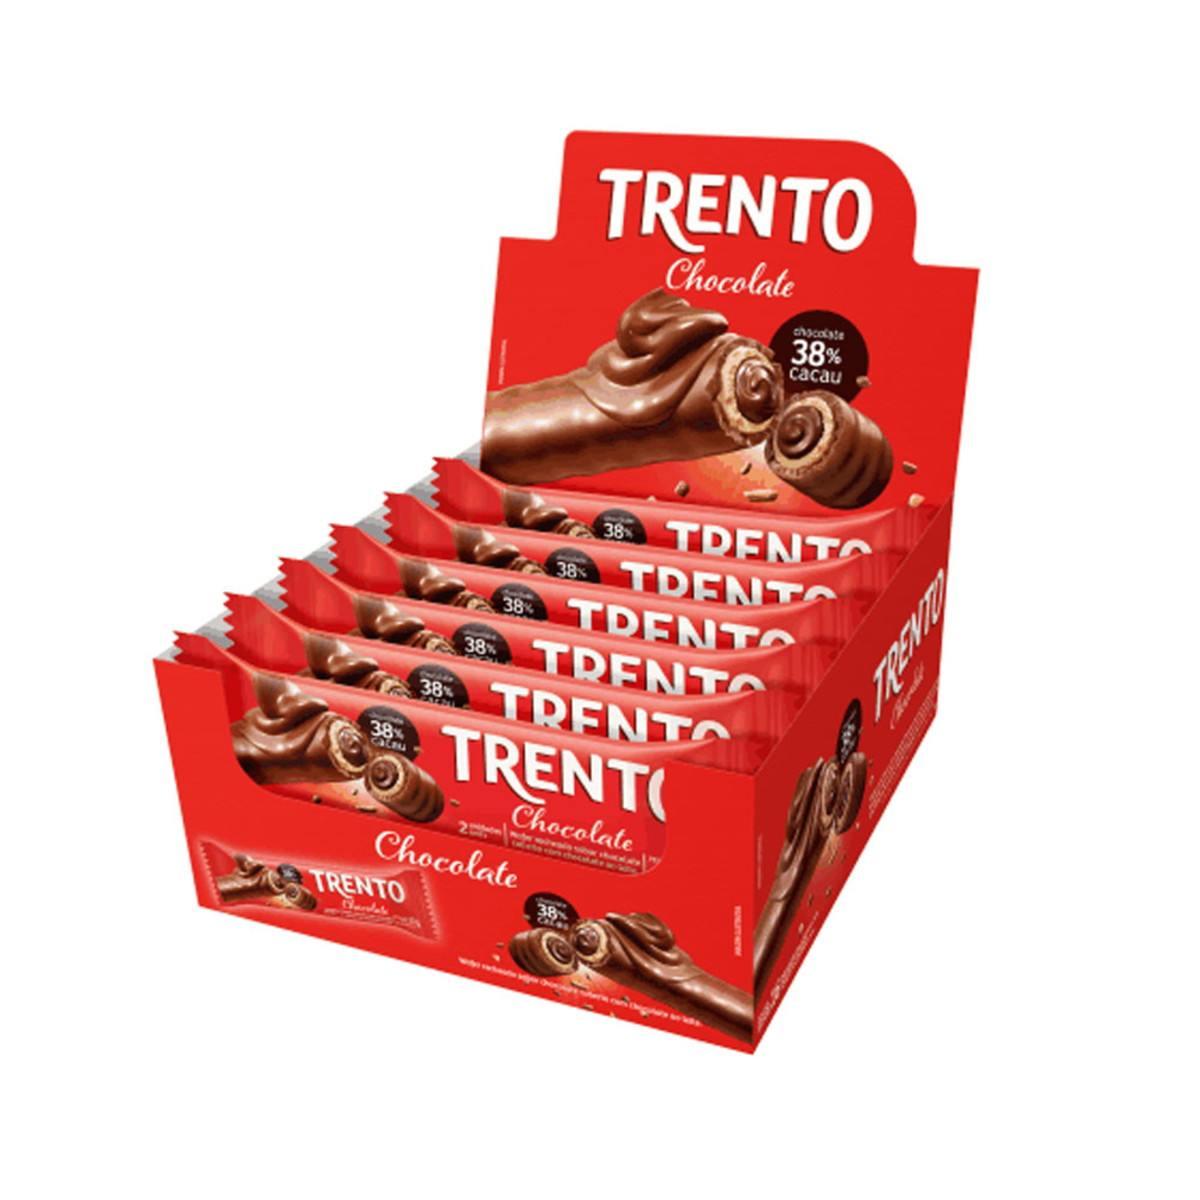 Trento Chocolate Caixa 16 de 32g 38% cacau